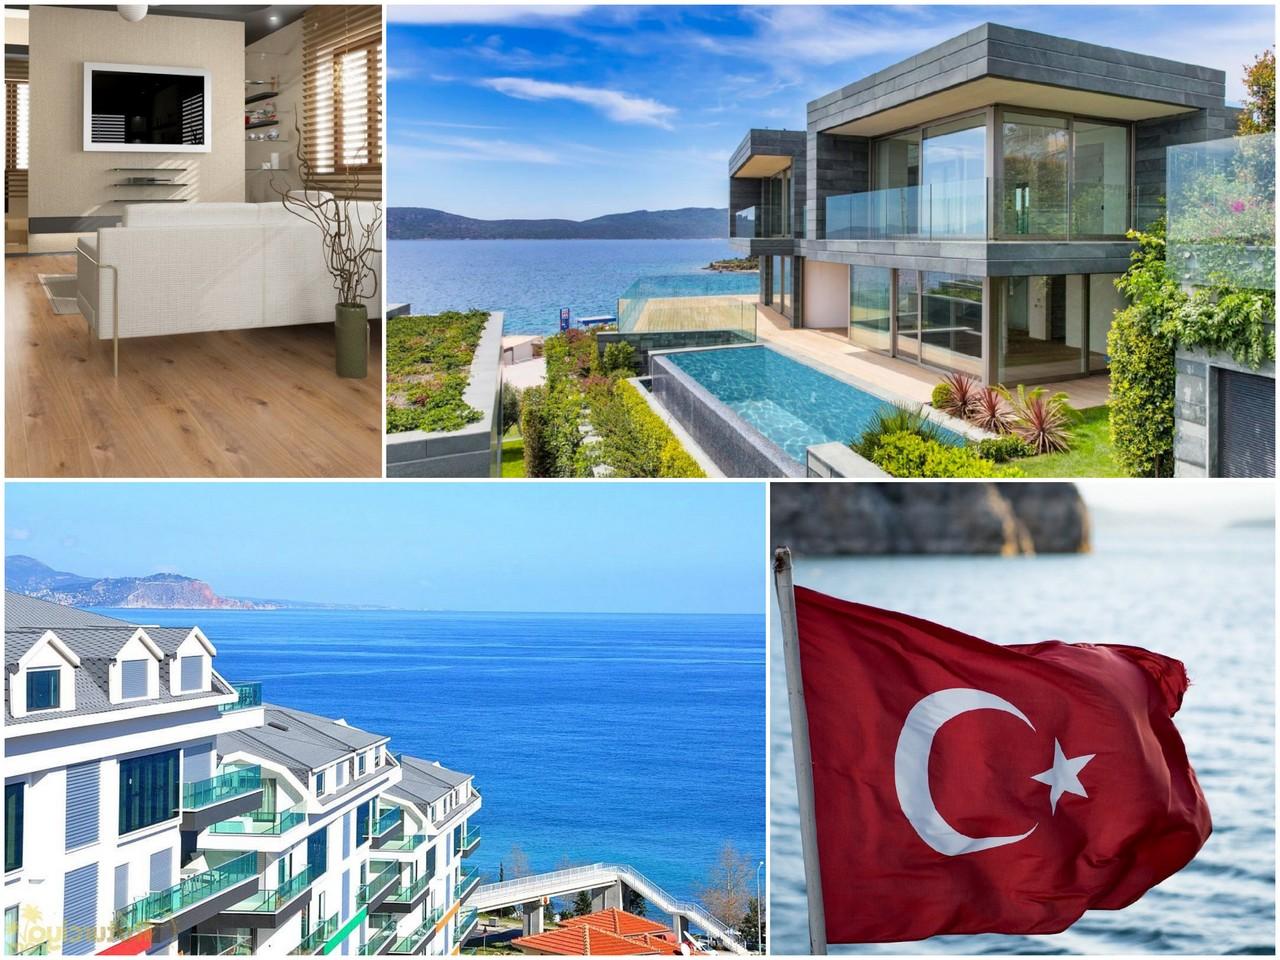 Плюсы покупки недвижимого имущества на турецком побережье